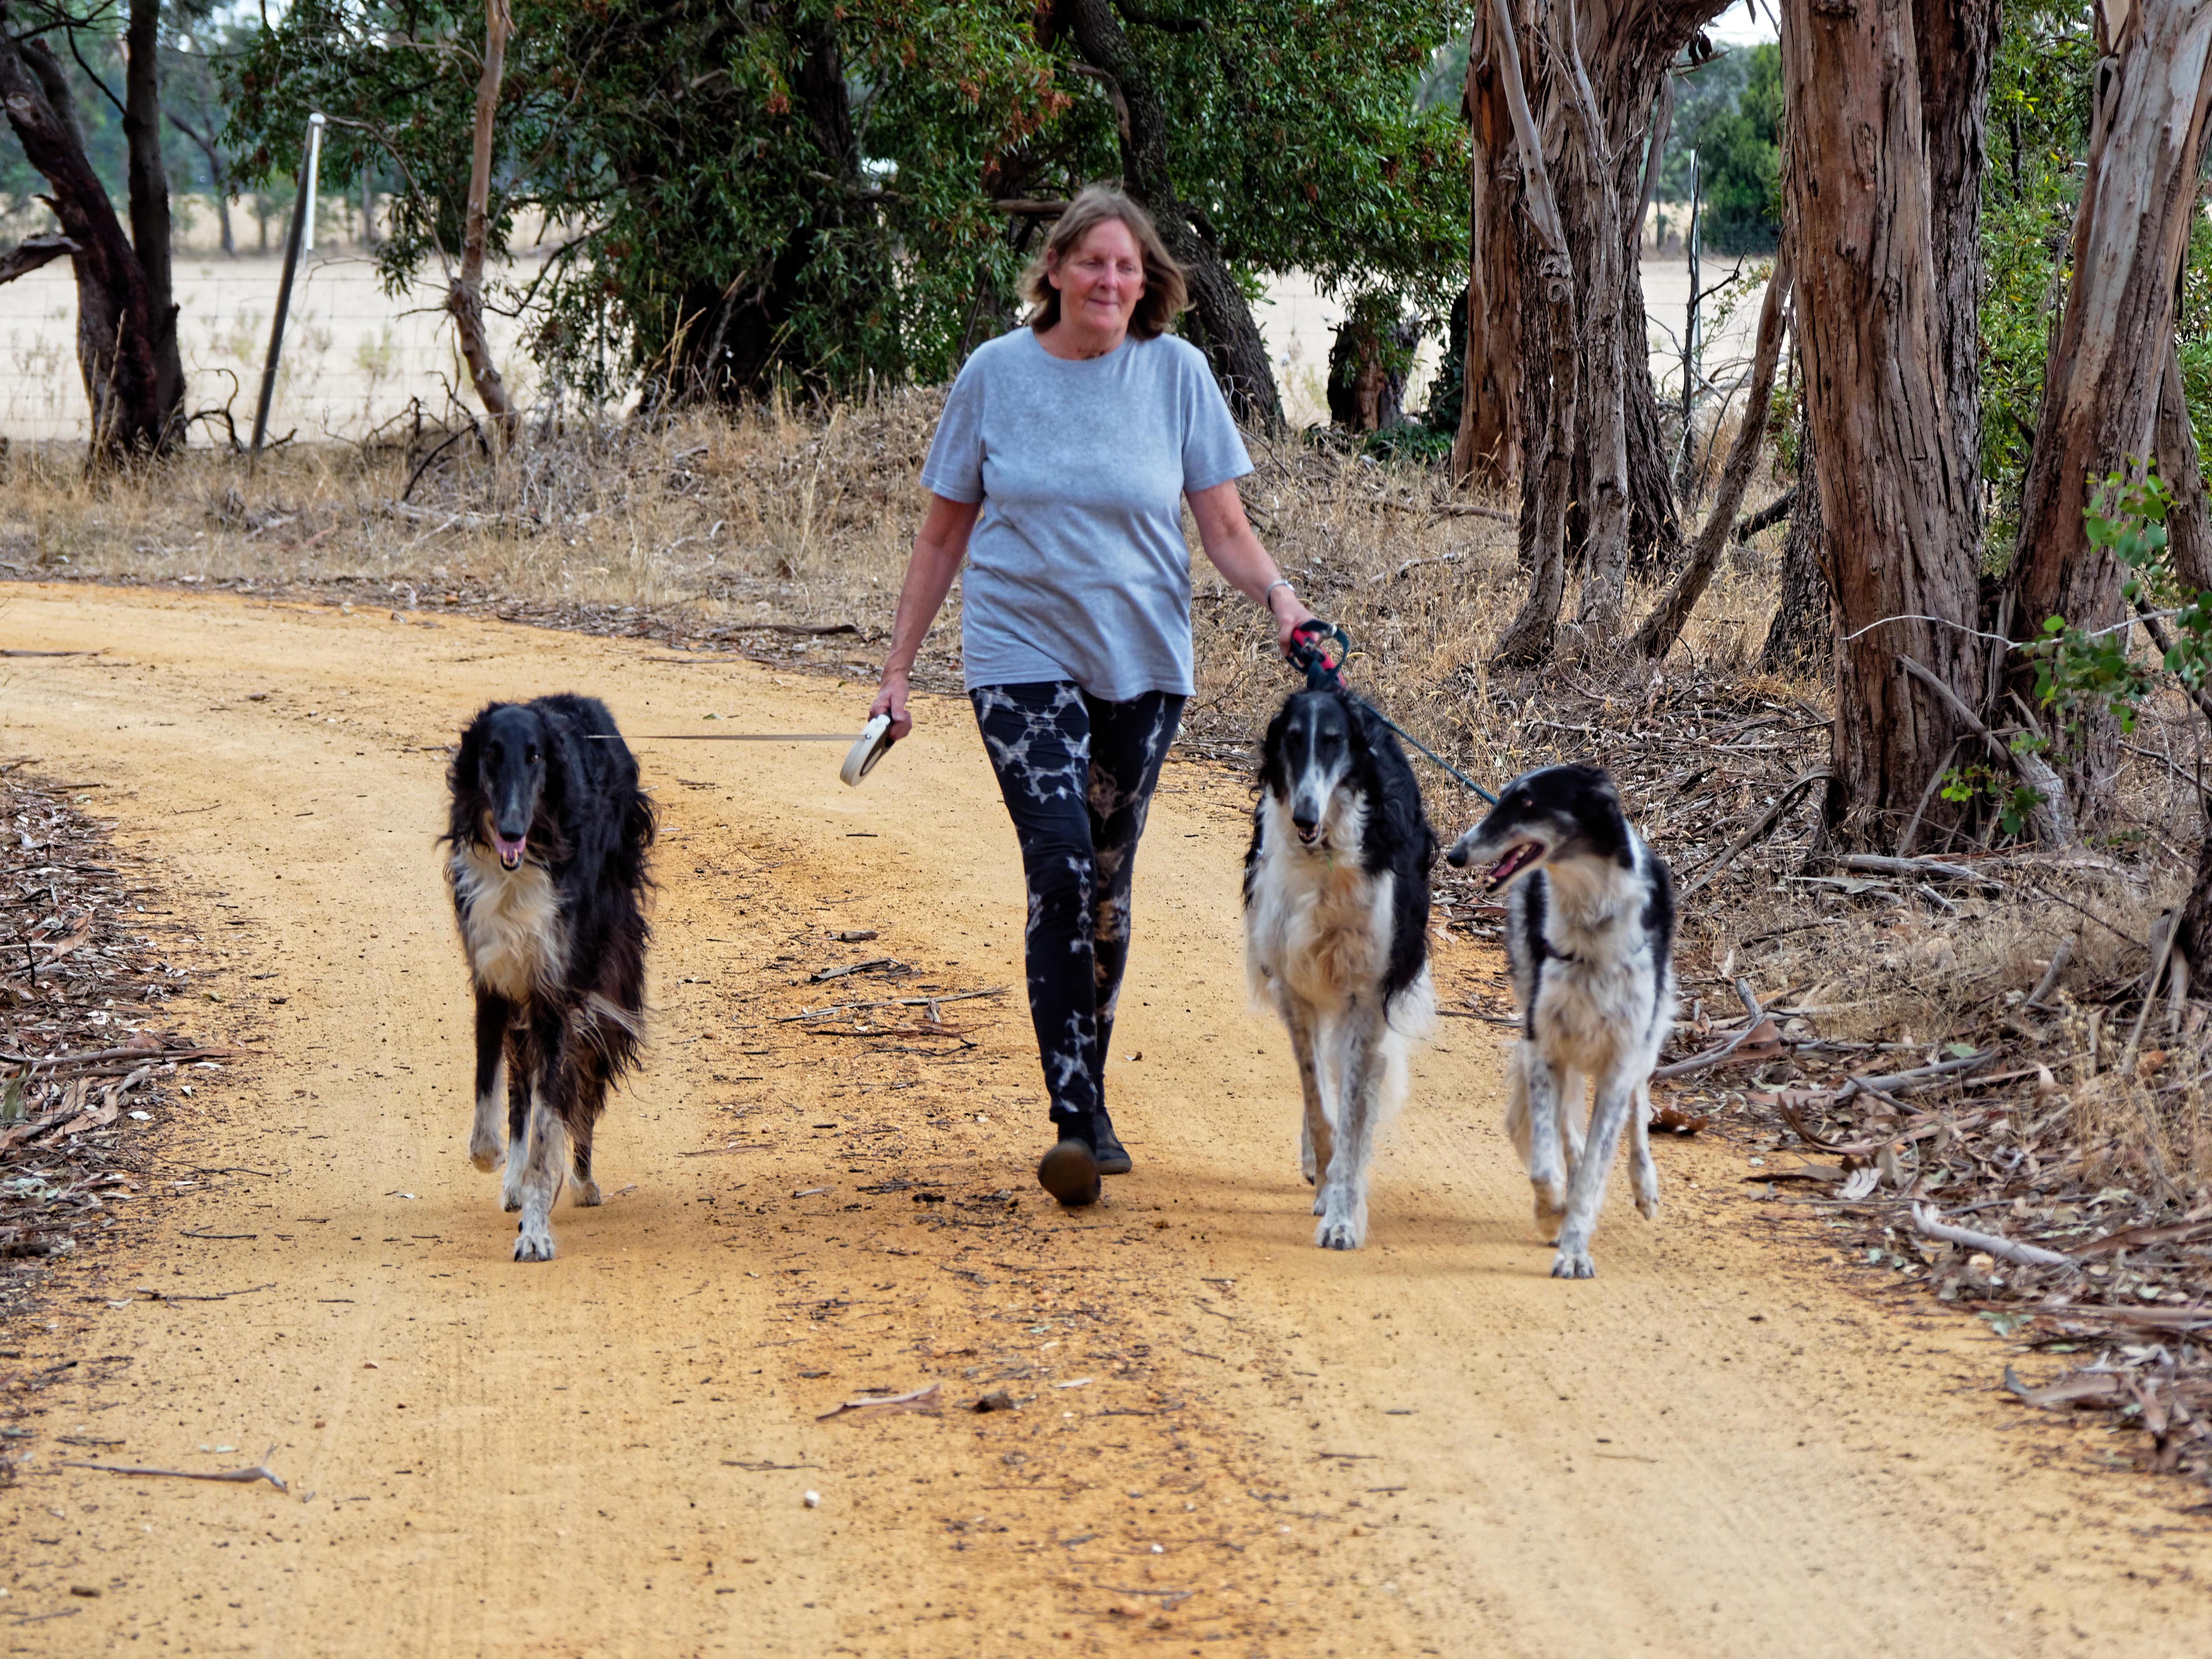 Walking-dogs-91.jpeg